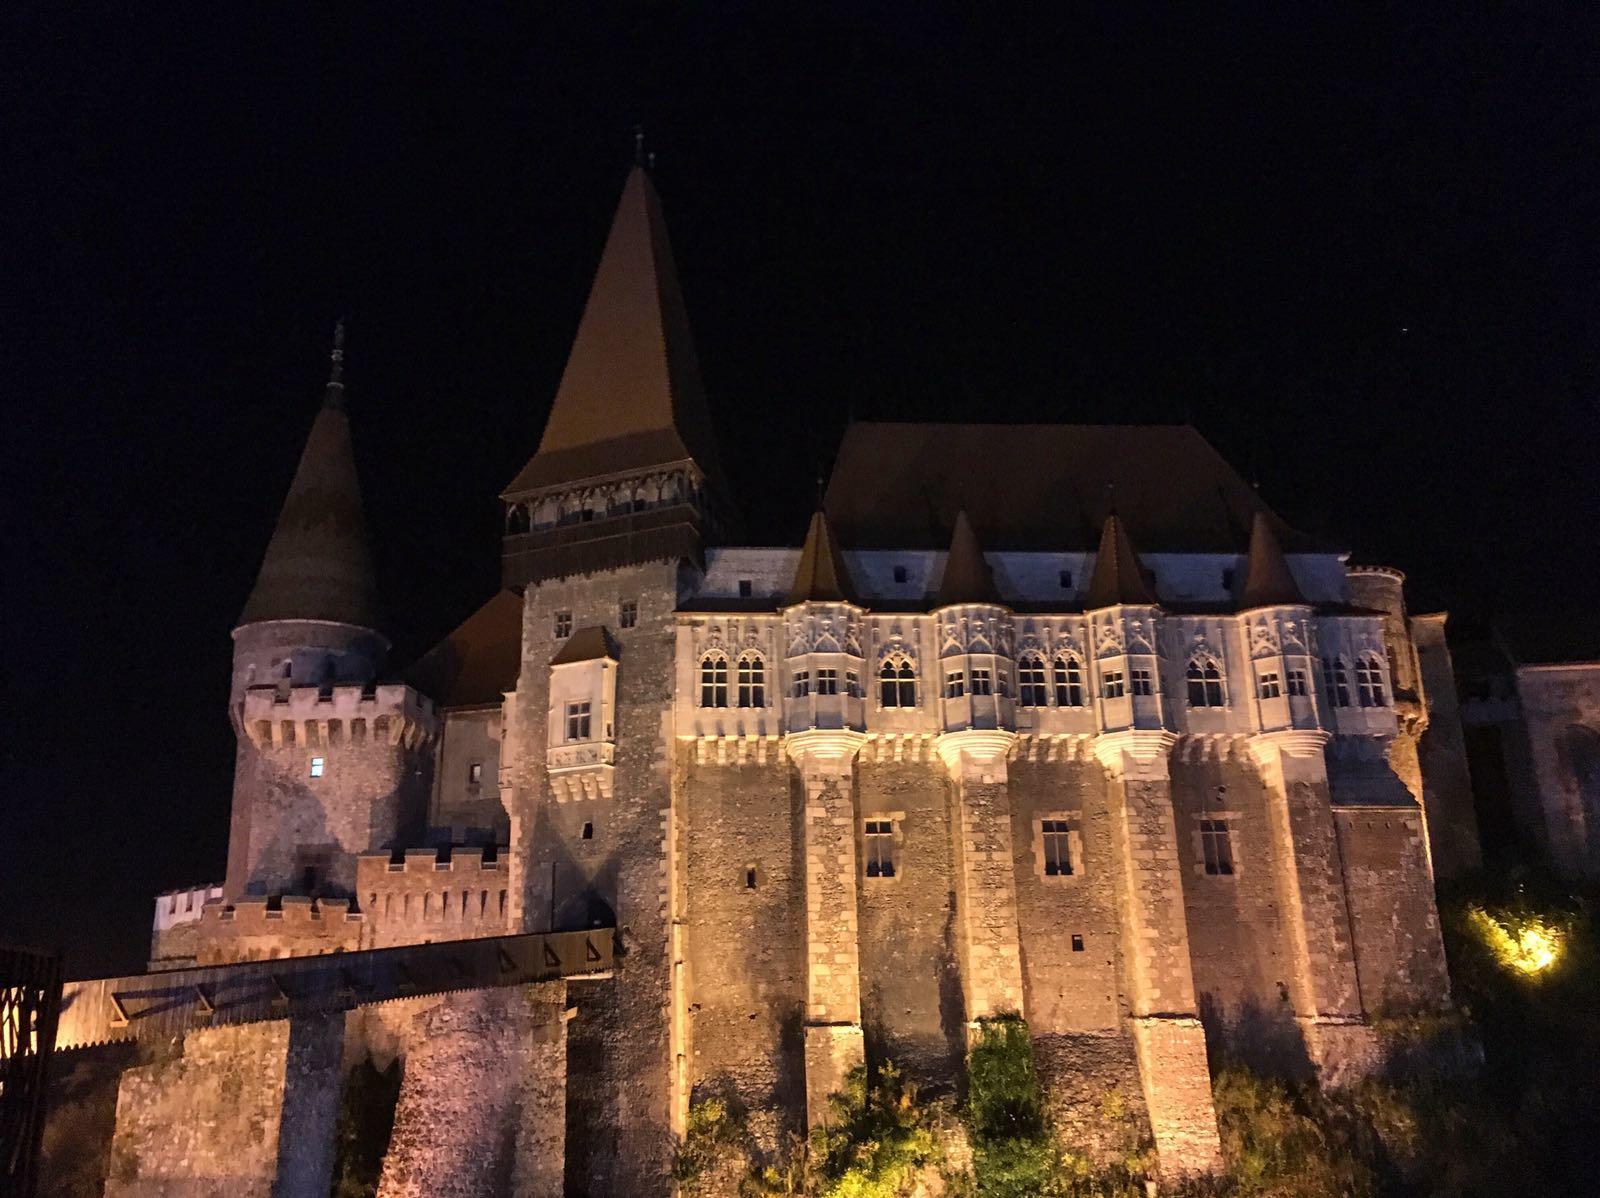 Corvin Castle in Transylvania at Night